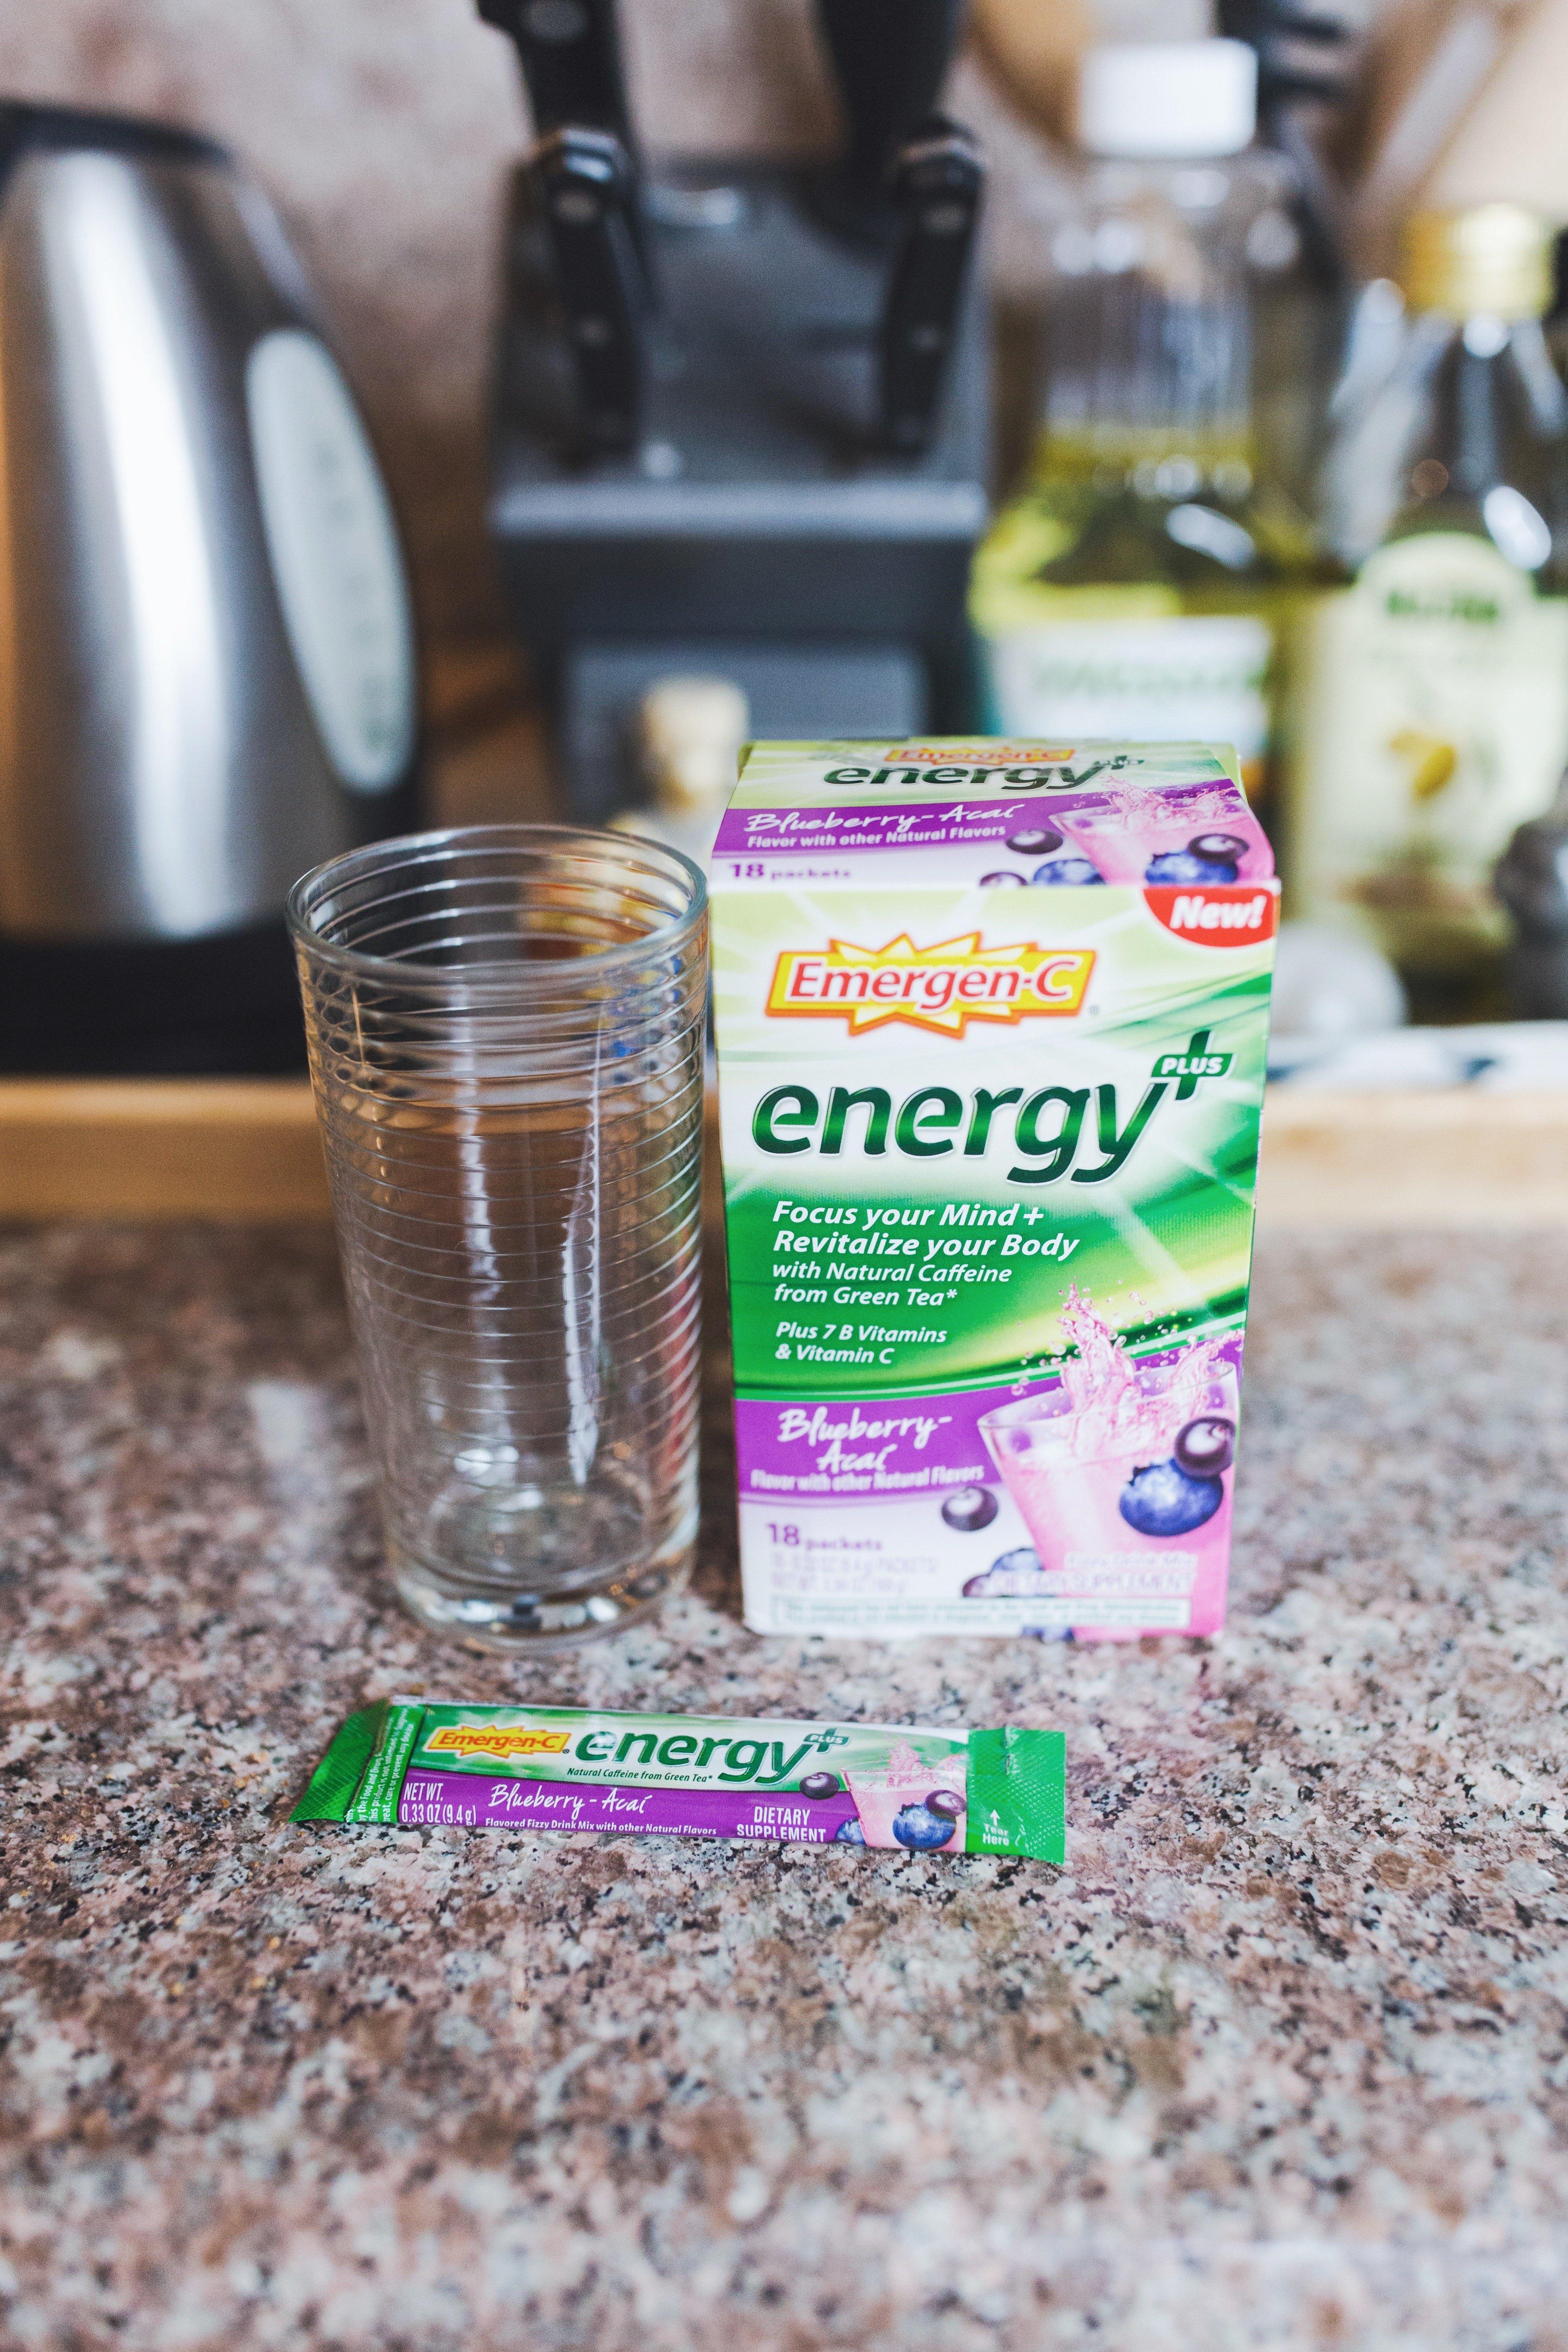 EmergenC Energy+